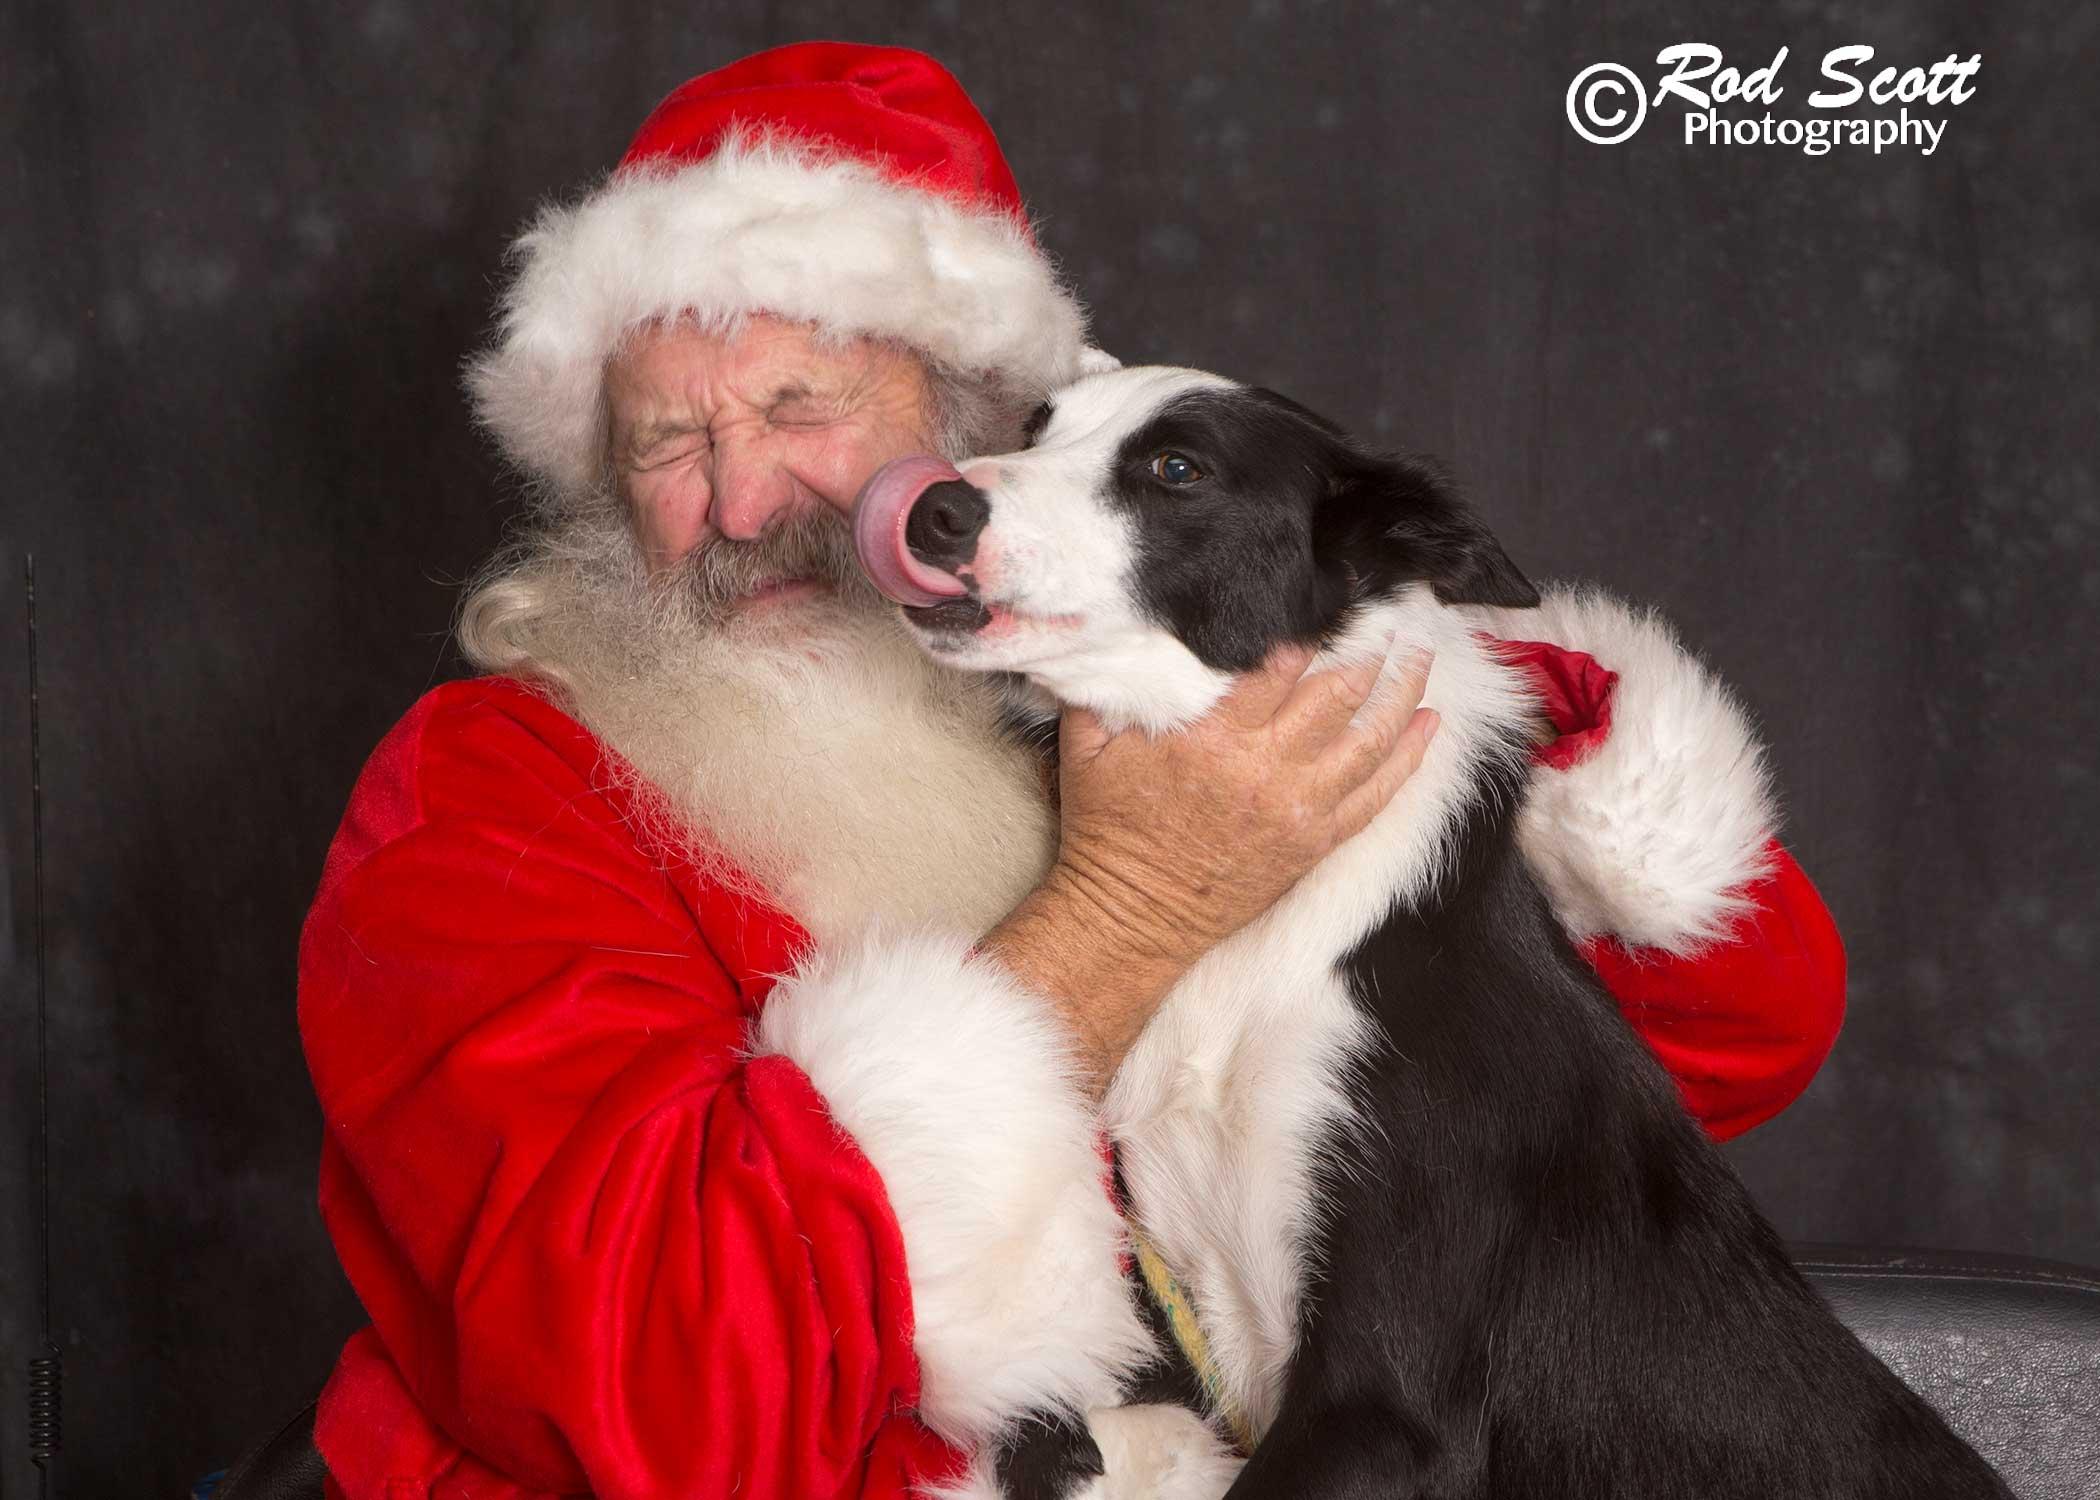 Kodak meets Santa